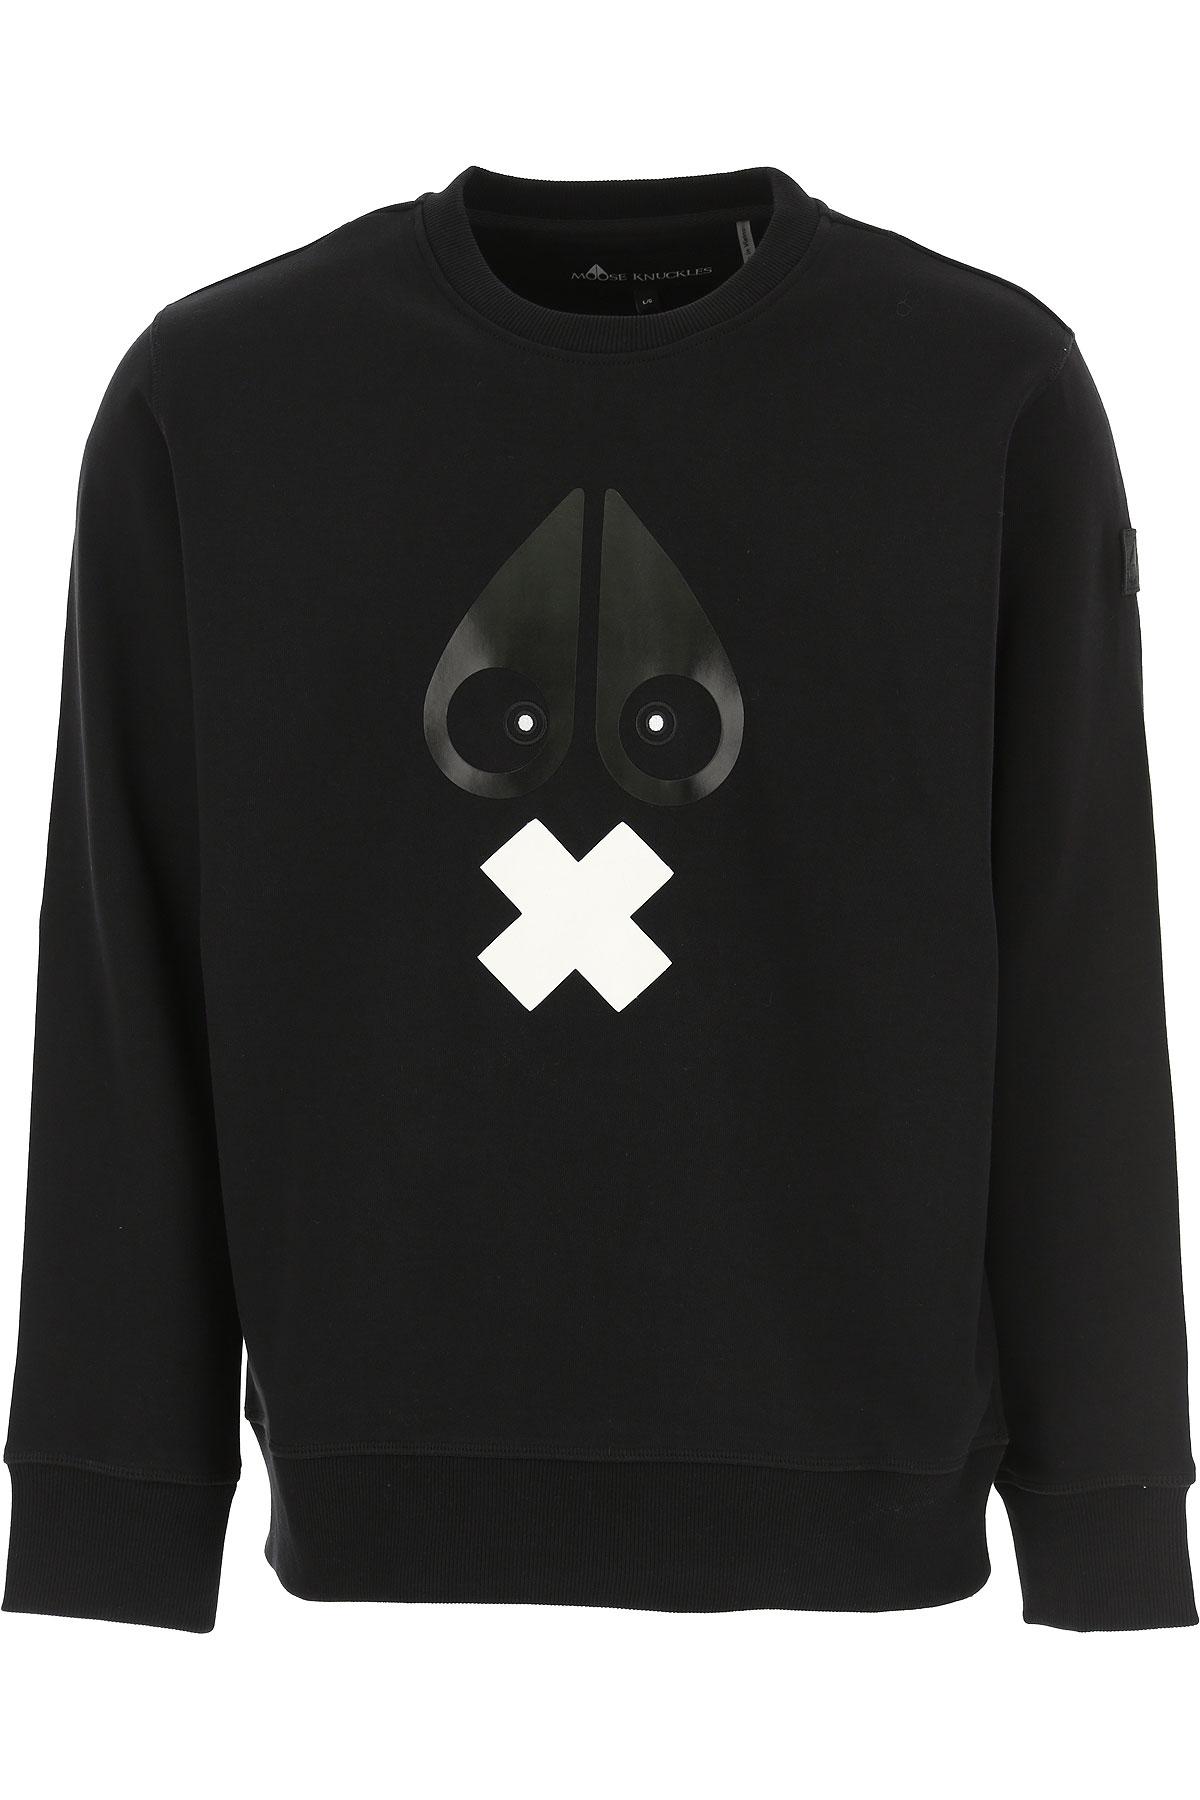 Moose Knuckles Sweatshirt for Men On Sale, Black, Cotton, 2019, L M XL